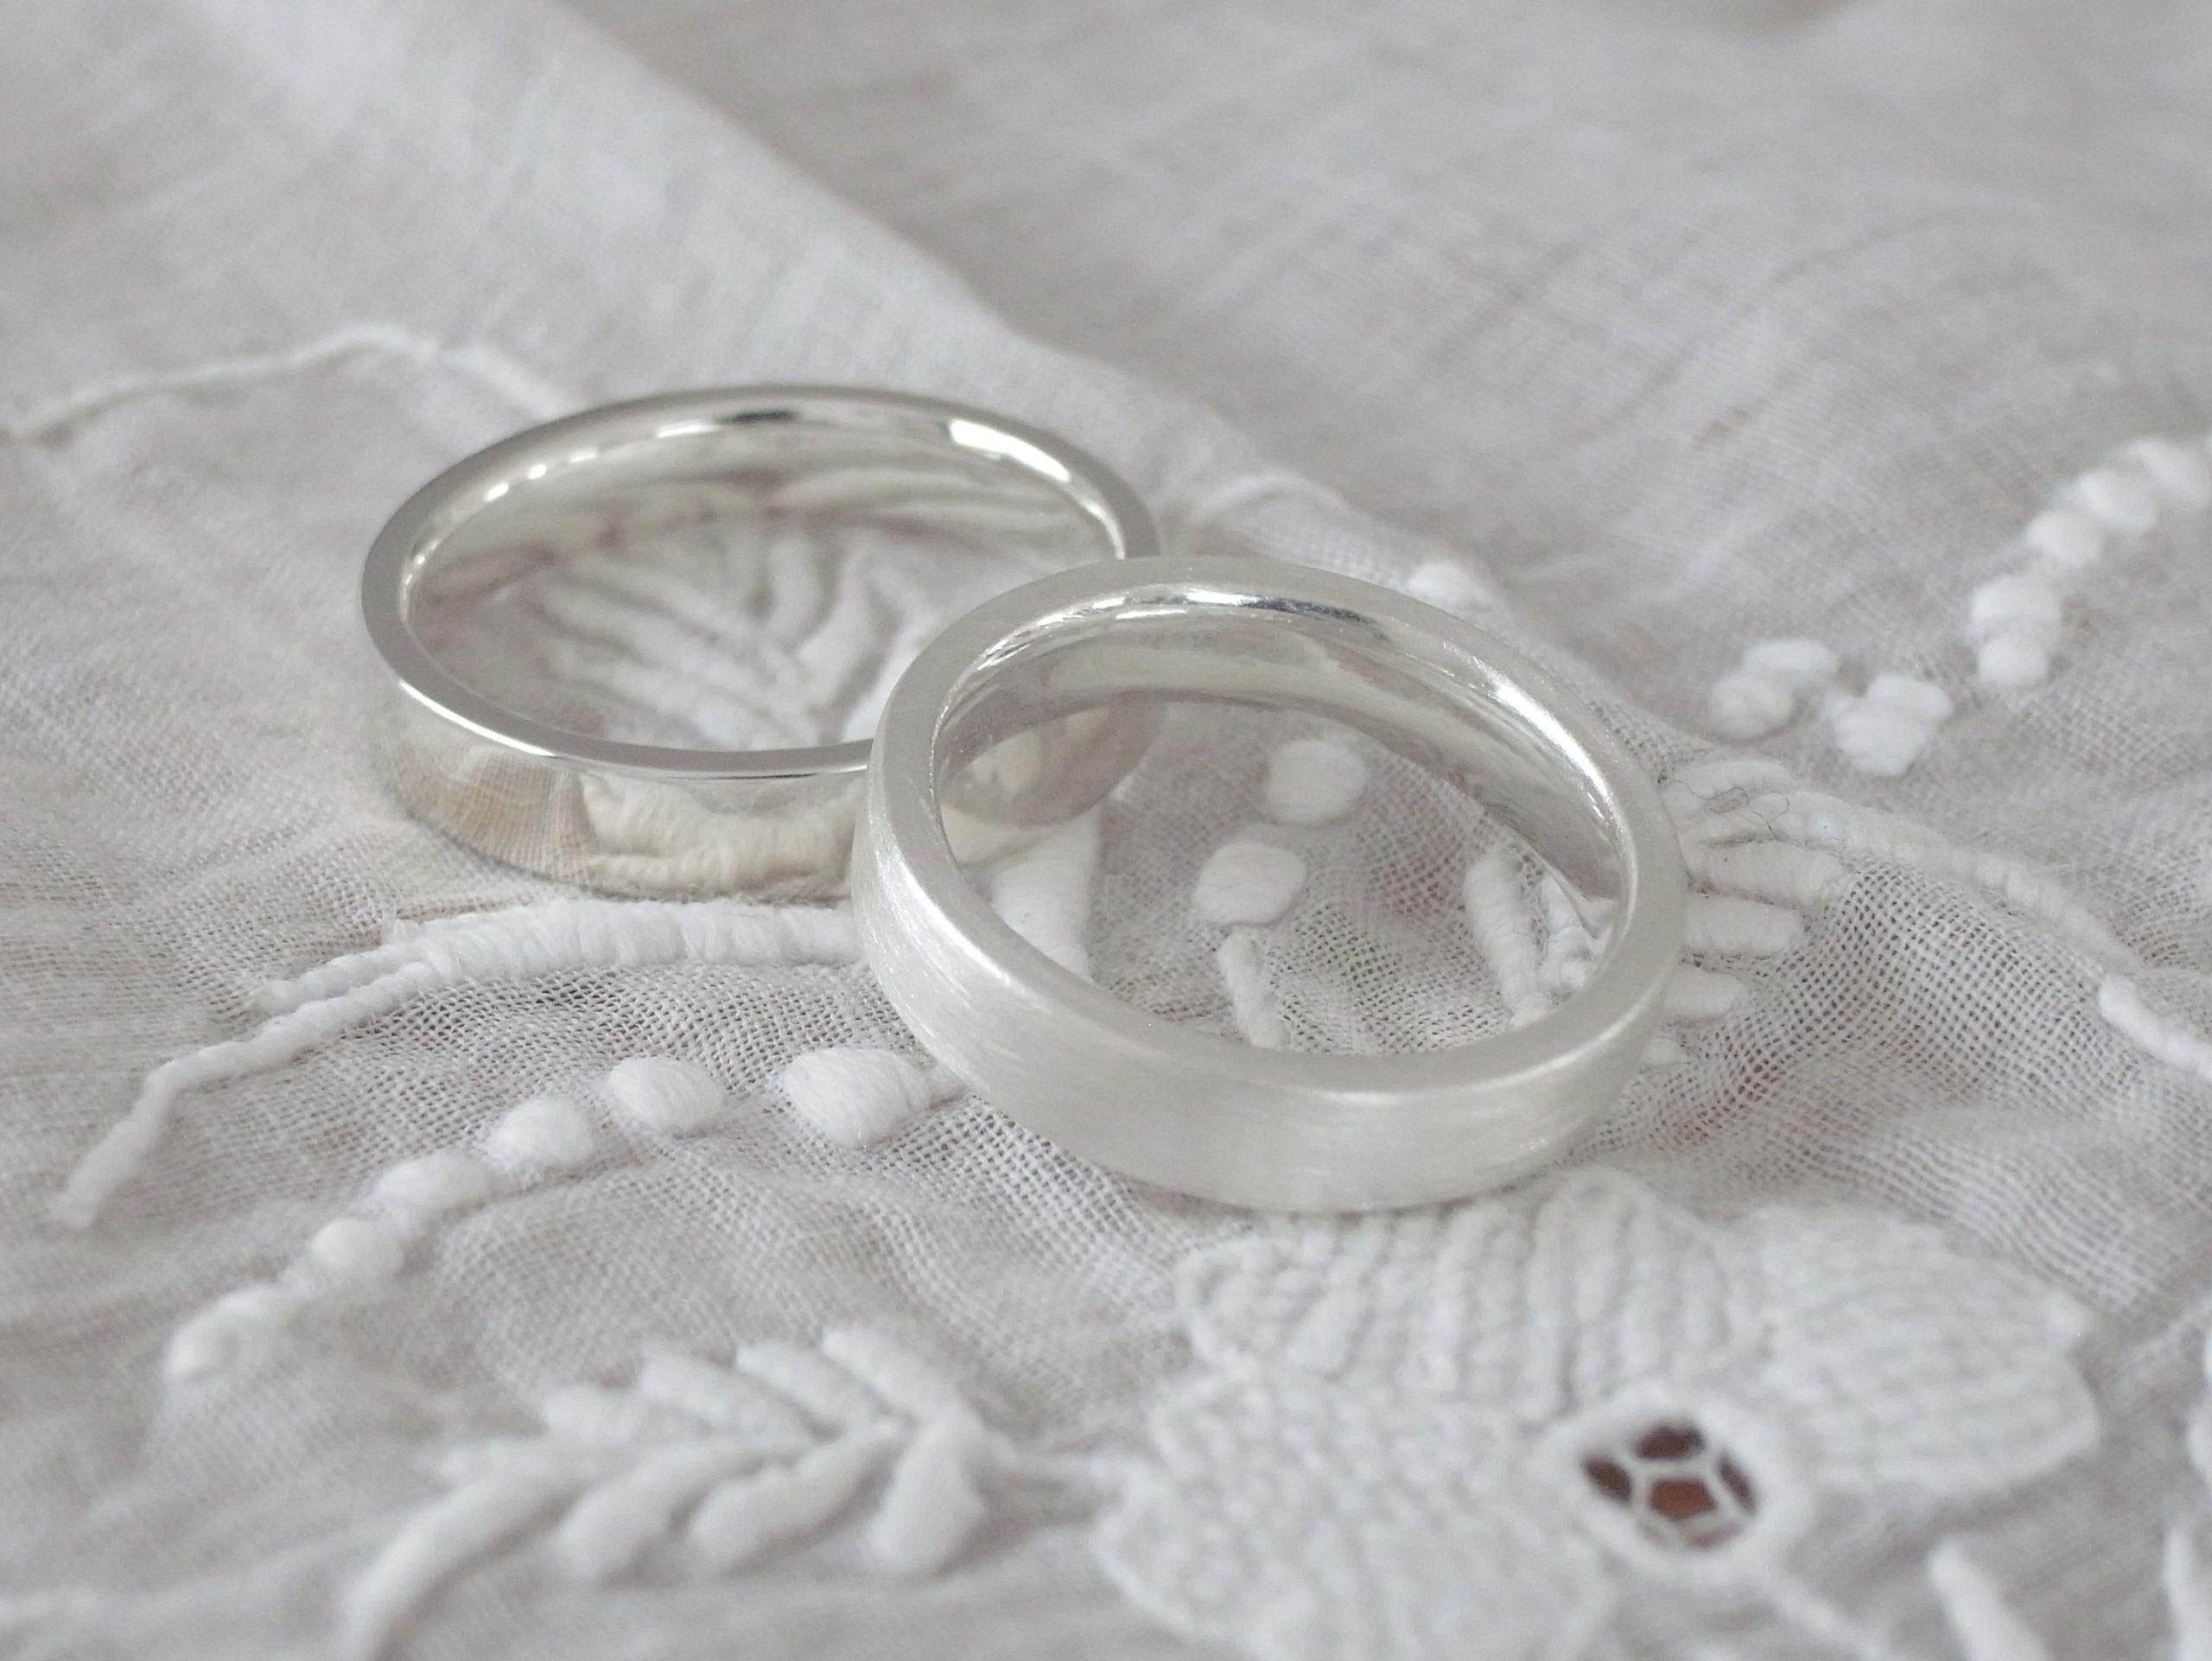 結婚指輪について思う事...